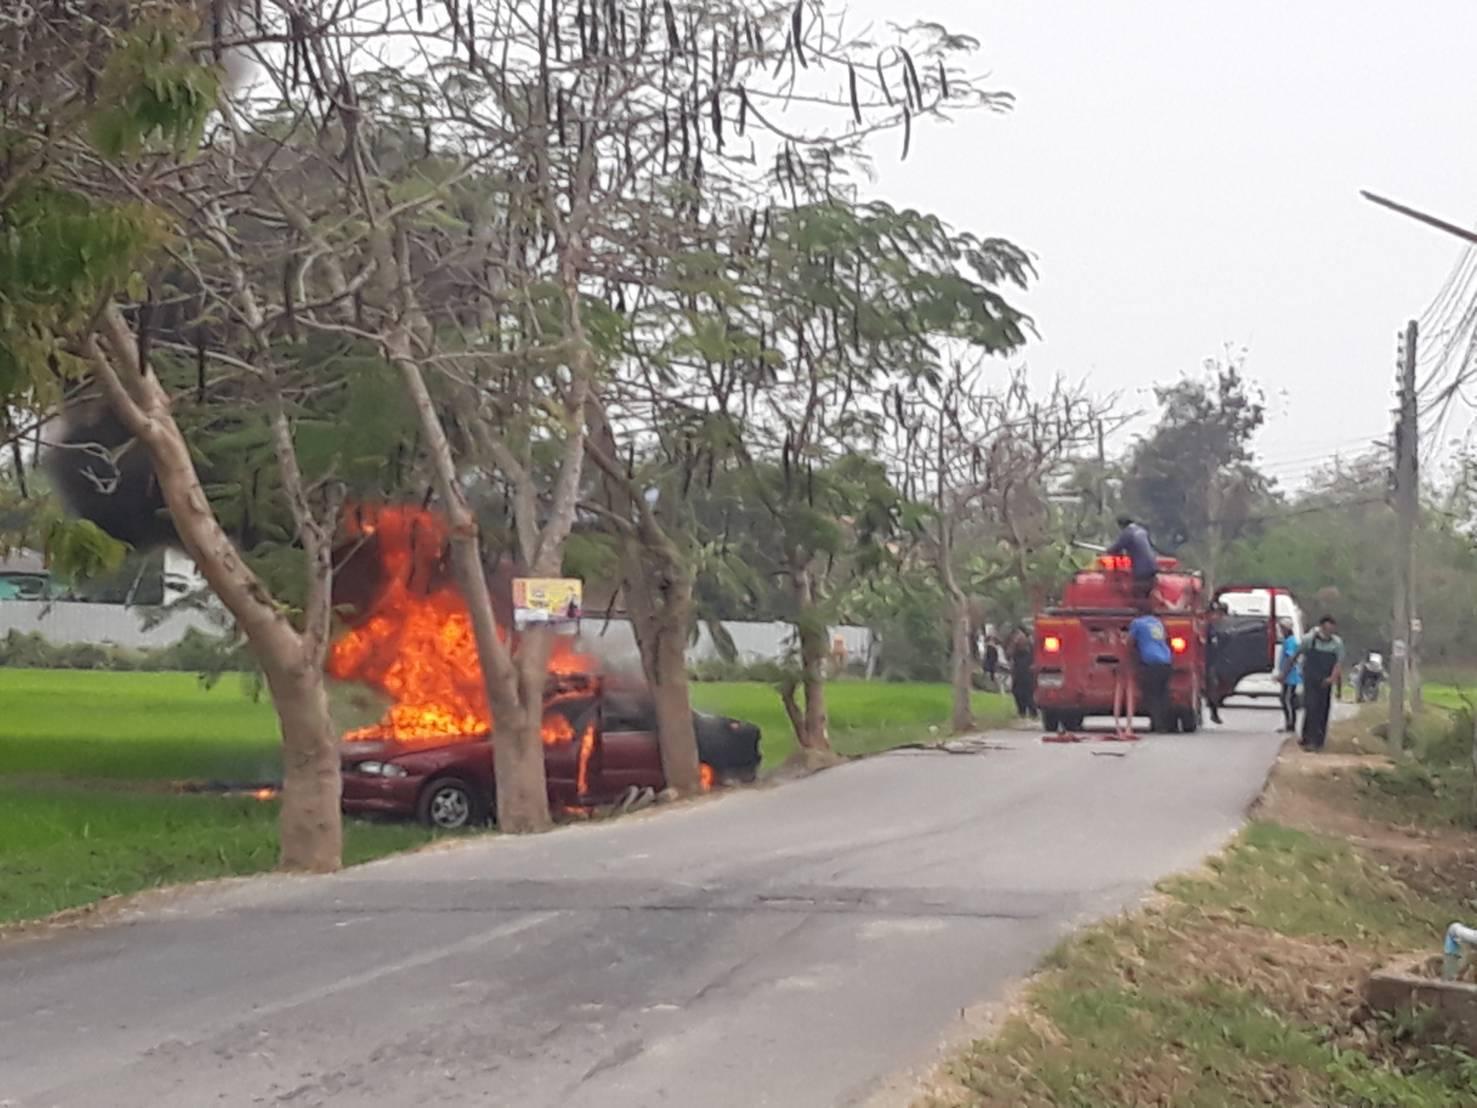 ปู่วัย68ขับเก๋งวูบพุ่งชนต้นไม้ข้างทางไฟลุกไหม้วอดทั้งคันโชคดีคนช่วยดึงออกมารอดหวุดหวิด